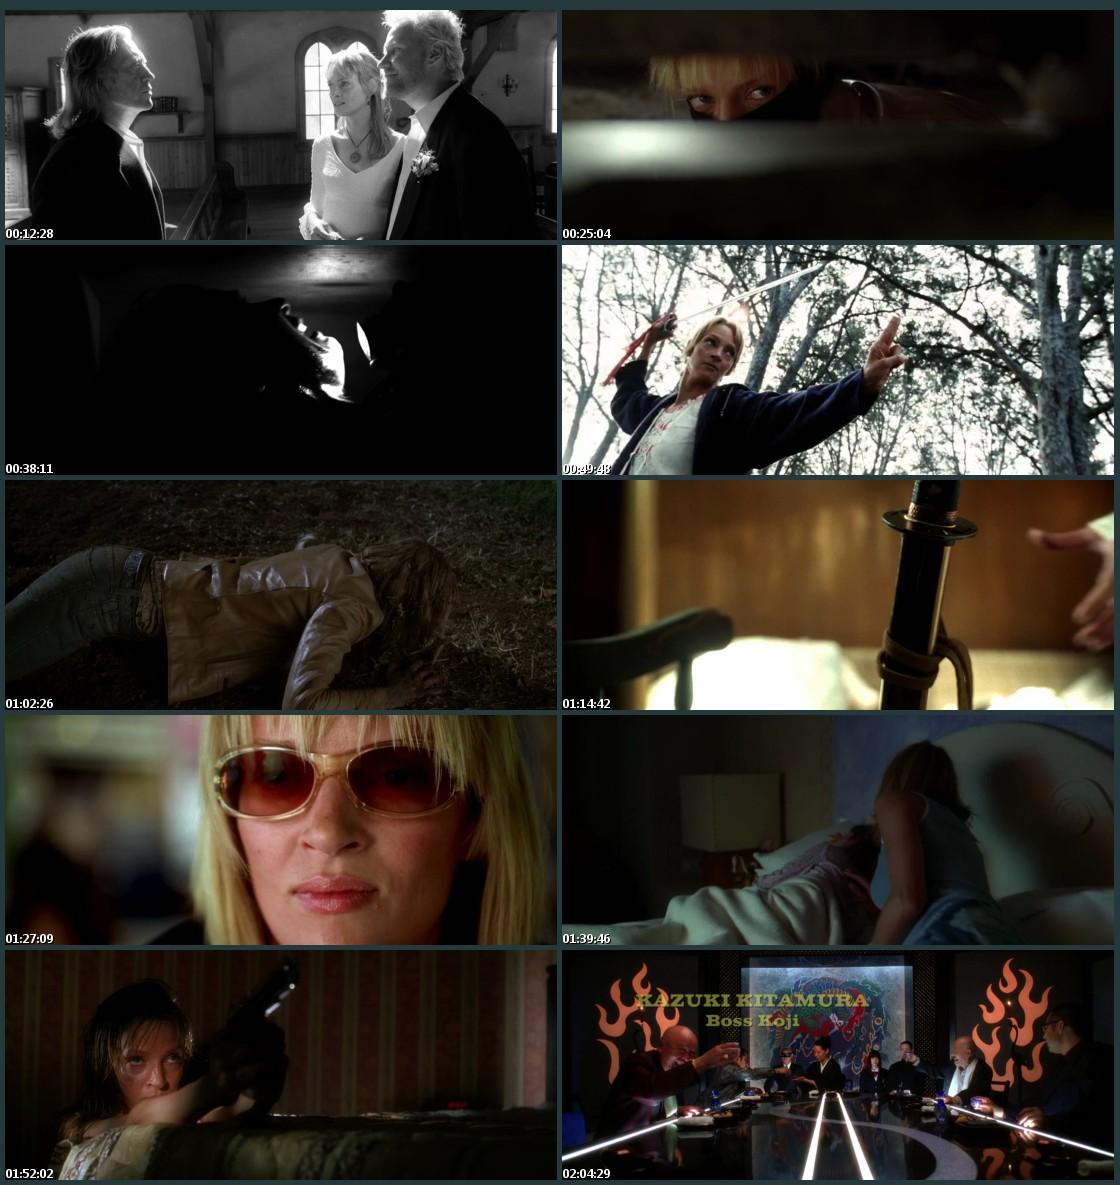 Kill+Bill+Vol.+2+2004+BluRay+720p+BRRip+1GB+hnmovies s